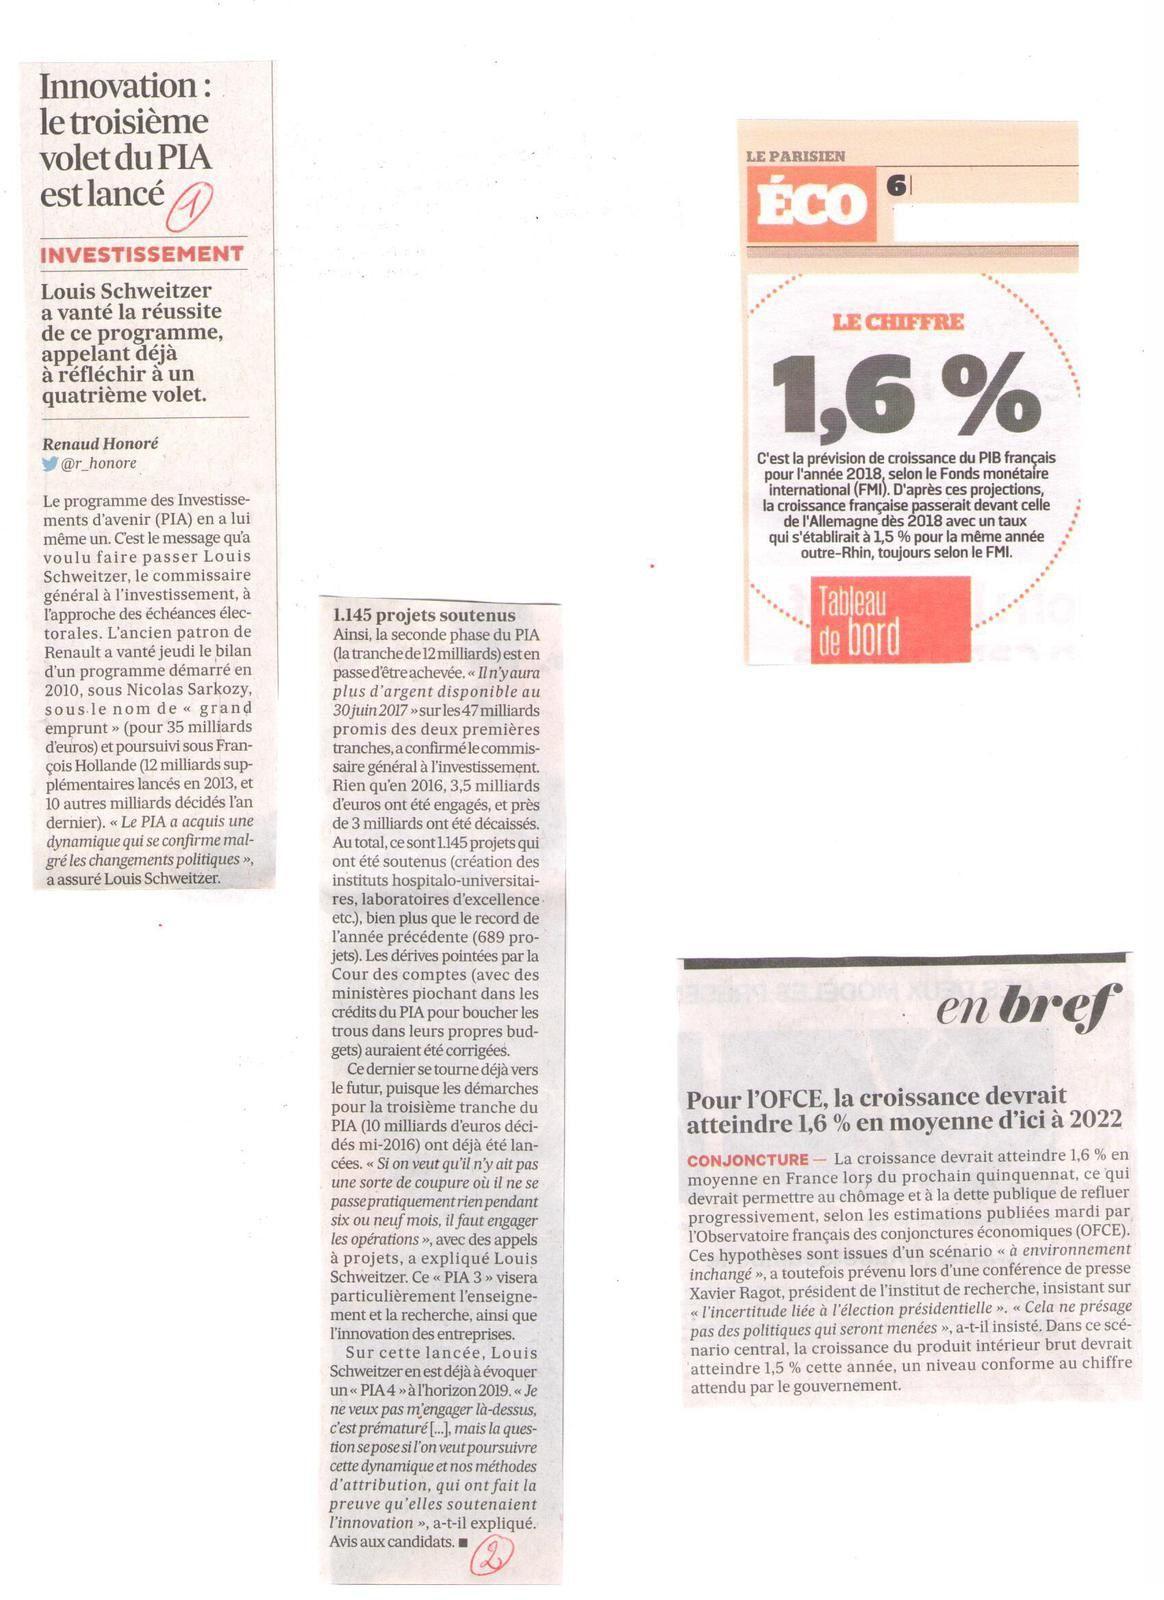 Vus et lus dans Les Echos du 07 février 2017, du 03, 07, 14, 29 mars 2017, du 04 avril 2017, le Parisien Eco du 23 janvier 2017 et Le Parisien Magazine du 06 janvier 2017, l'Express n° 3429 du 22 mars 2017, et Ca M'intéresse de mars 2017